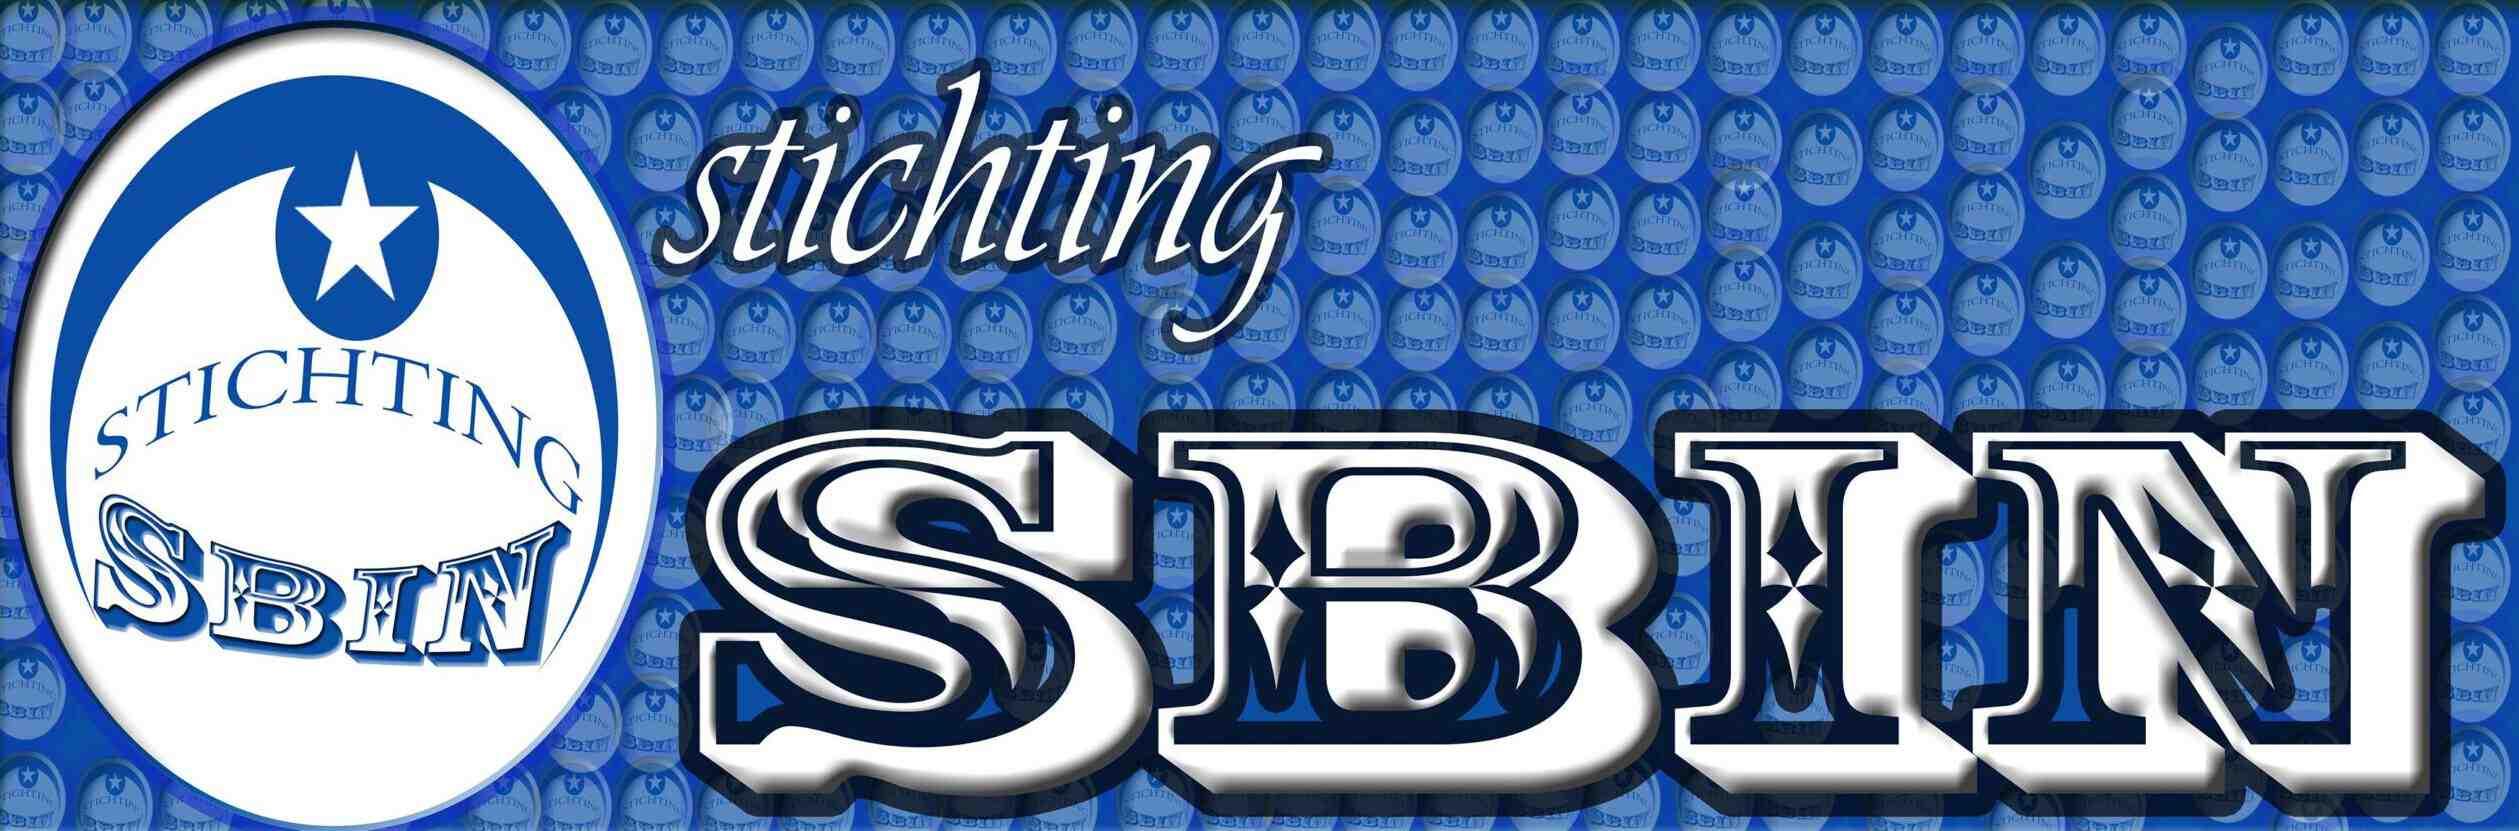 Stichting SBIN